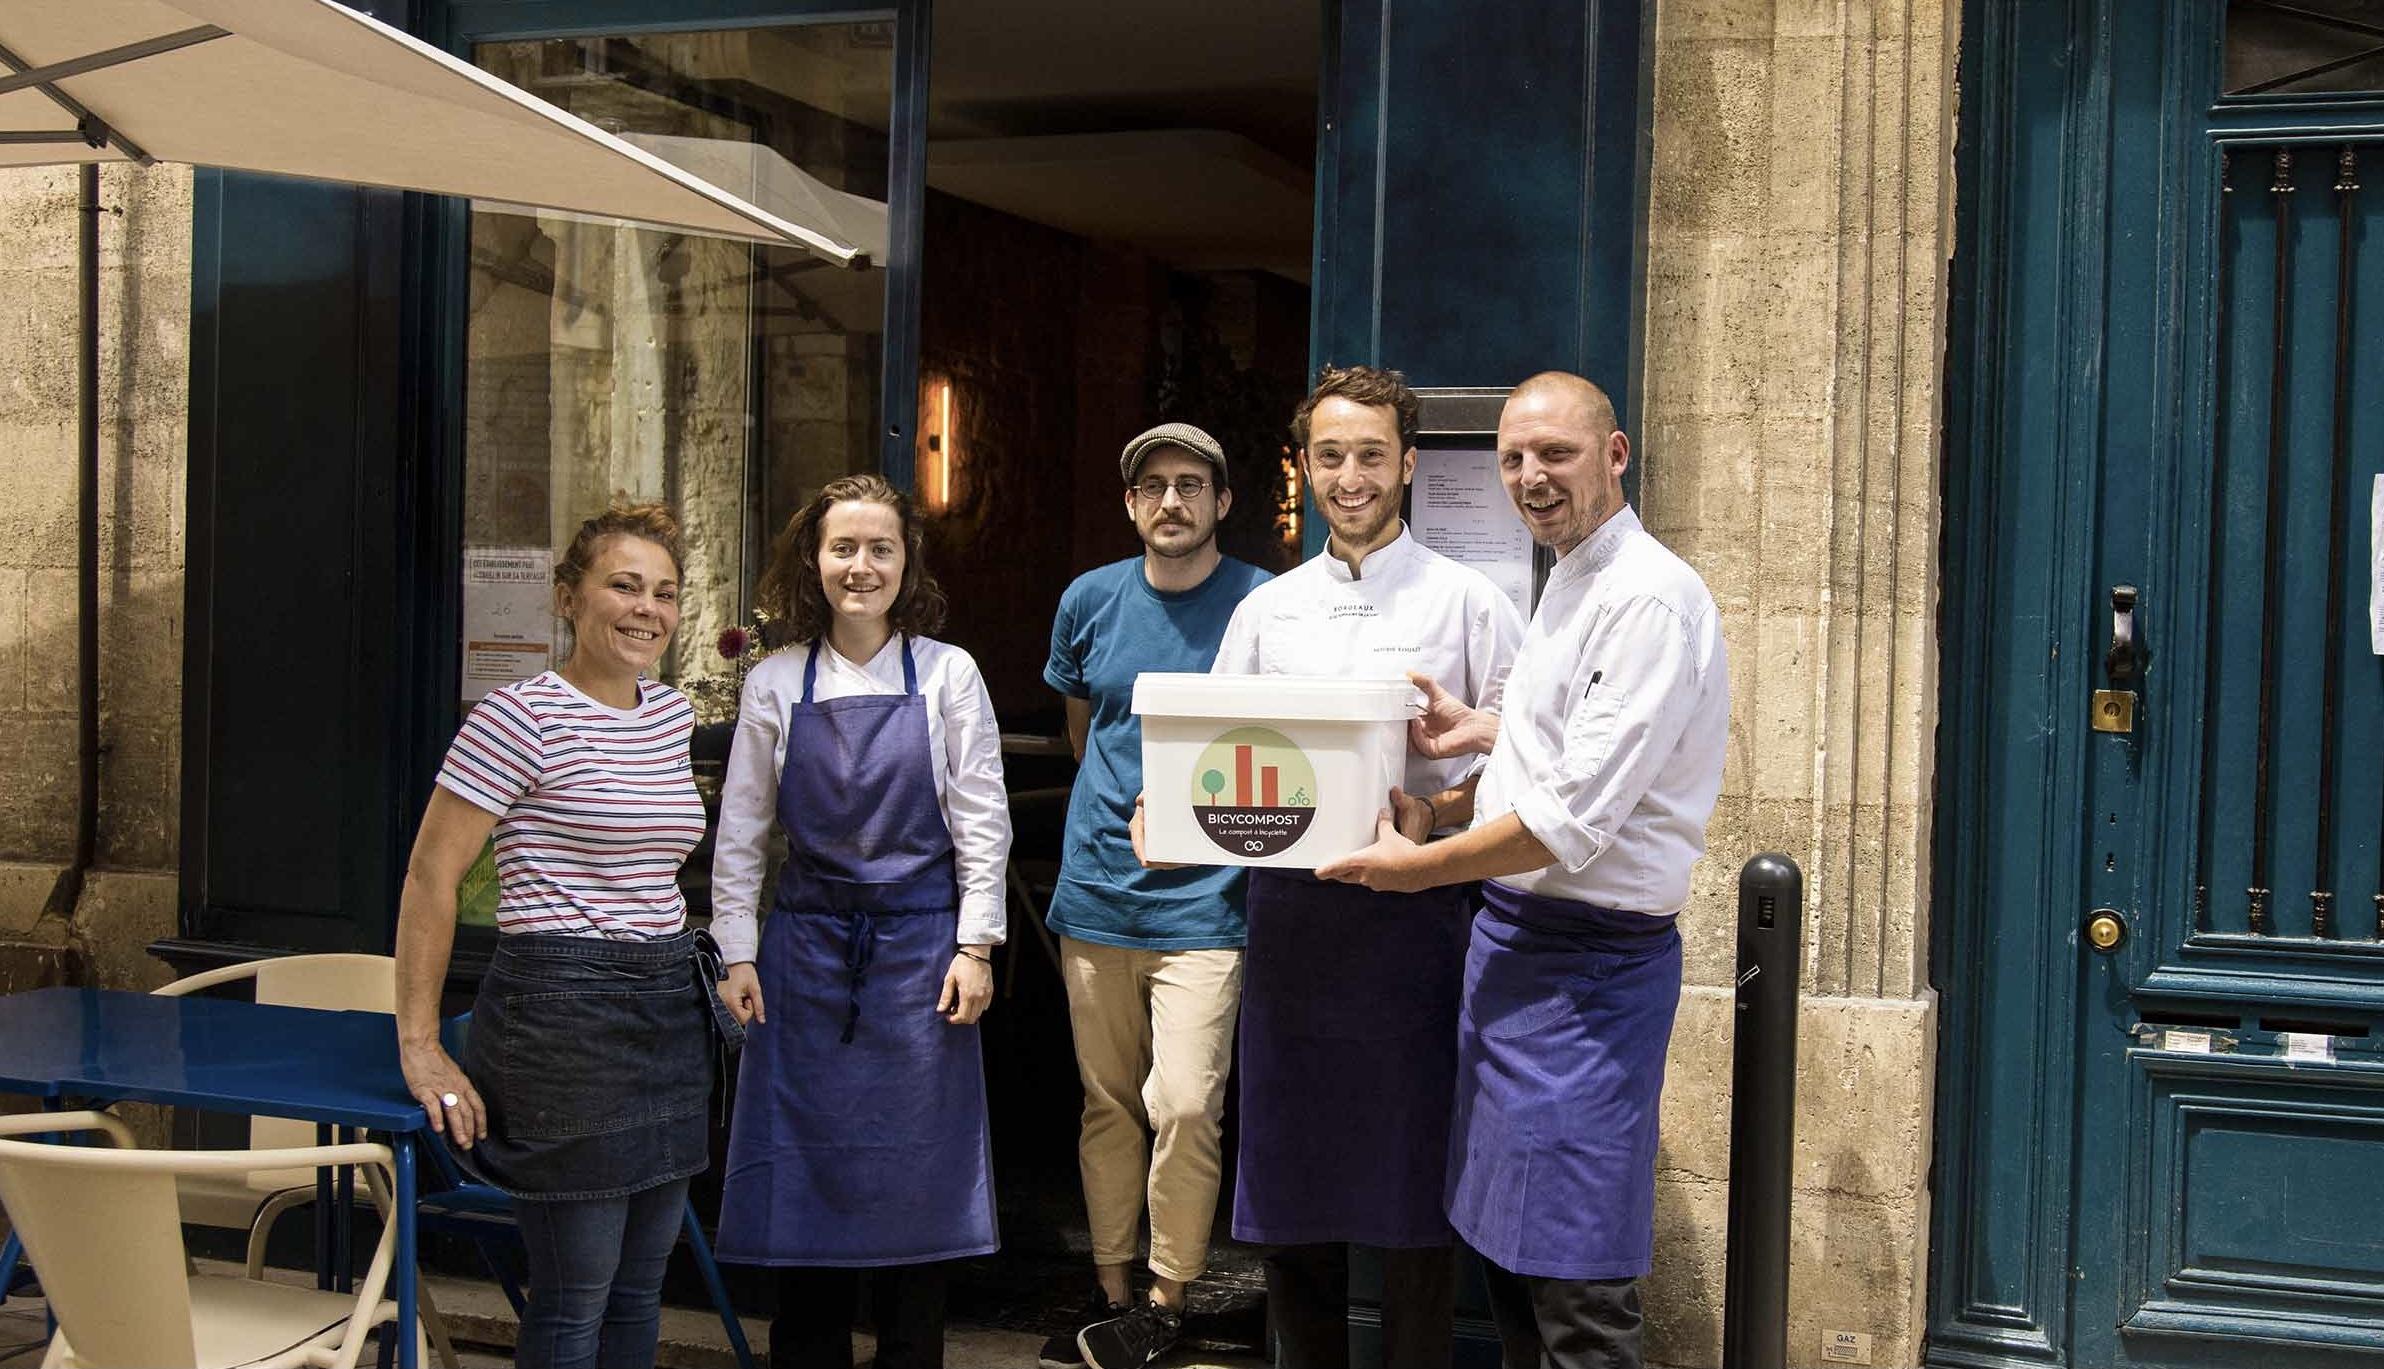 Lauza : Restaurant éco-responsable à Bordeaux